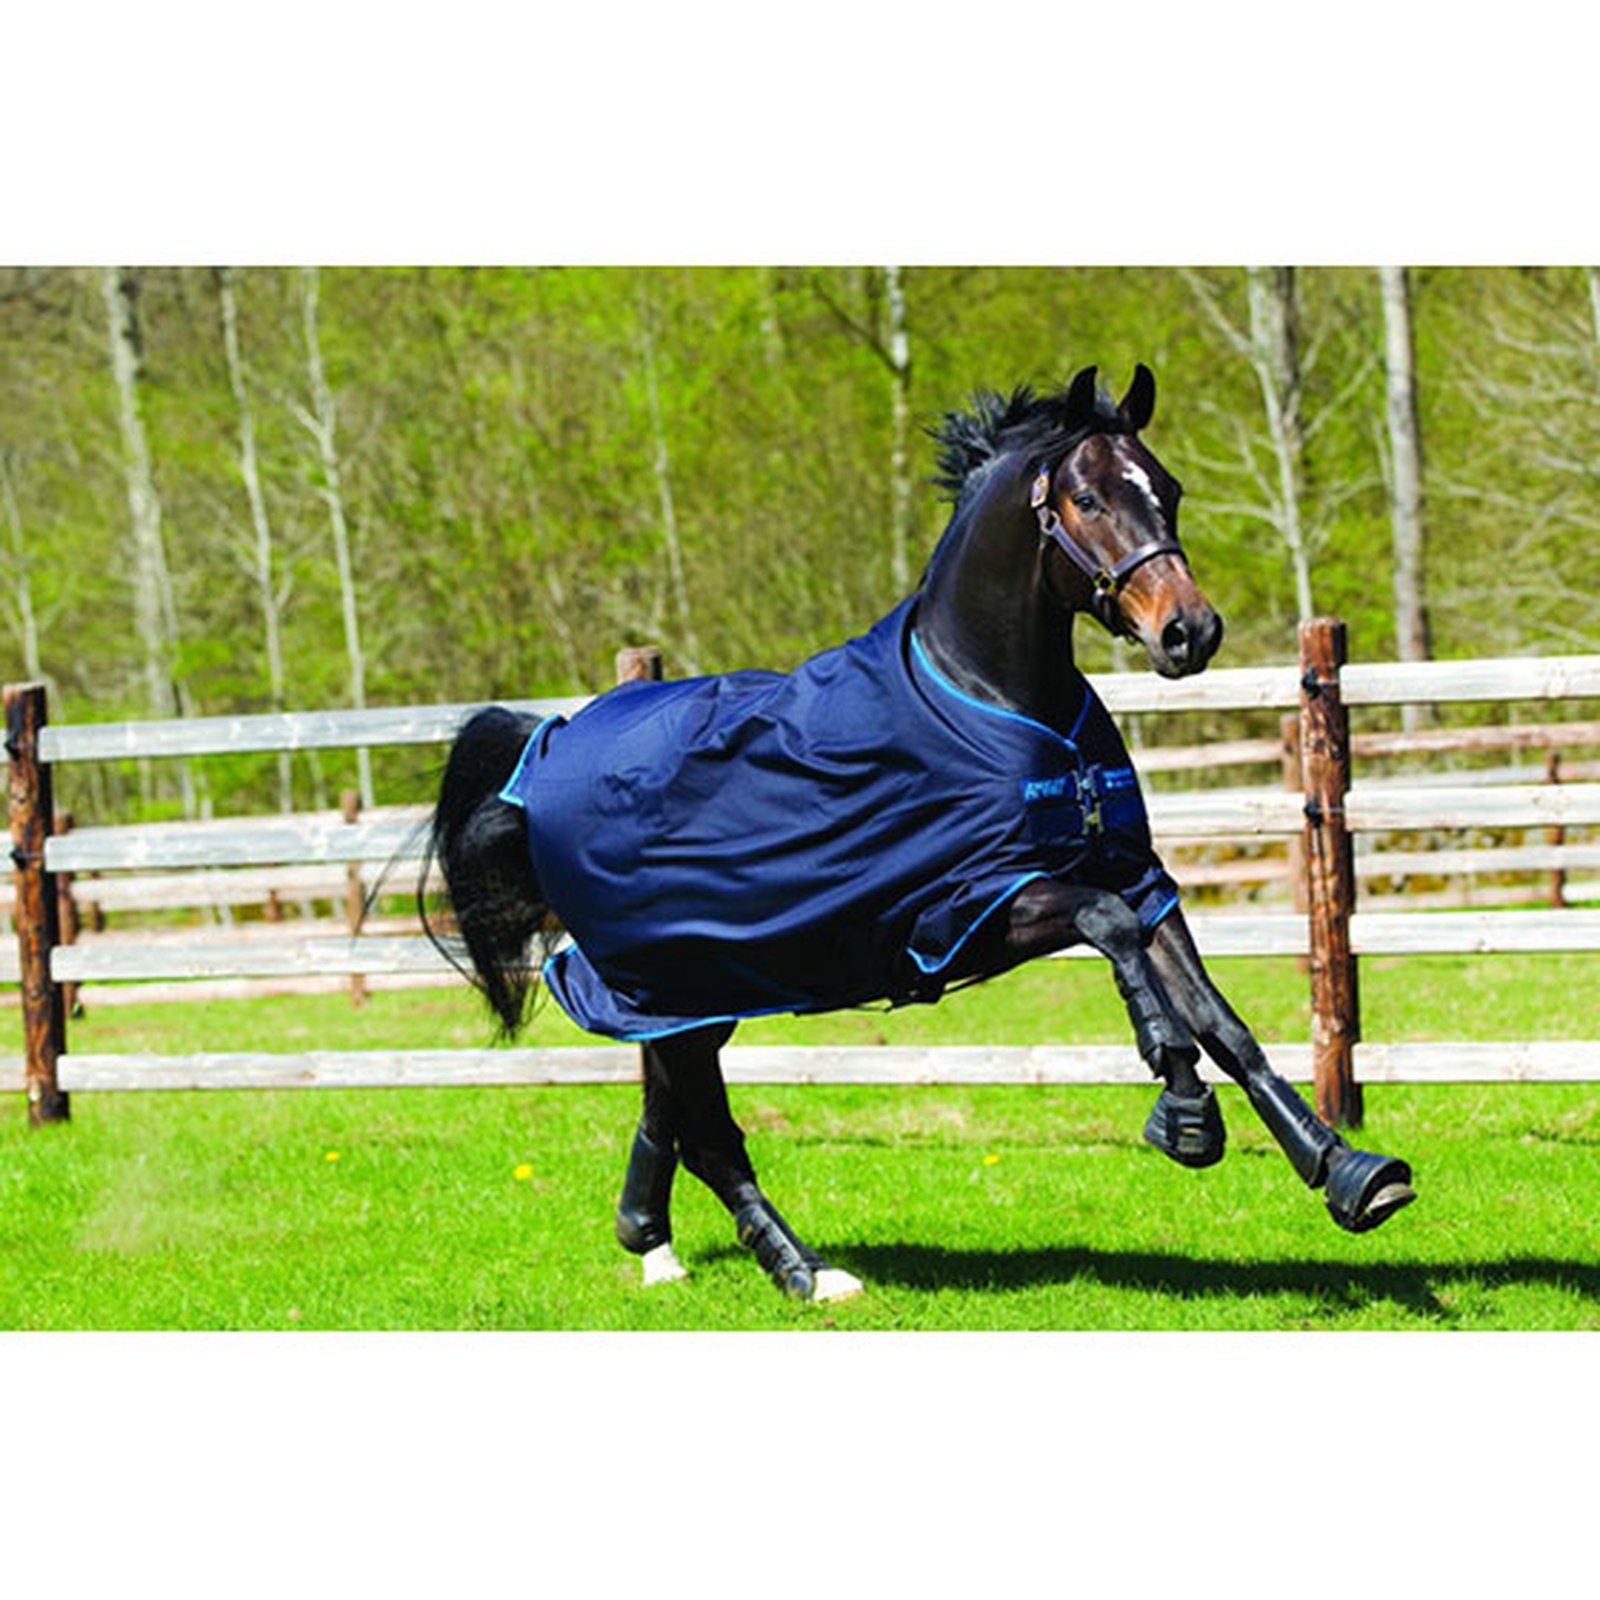 Horseware Amigo Bravo 12 Turnout Rug